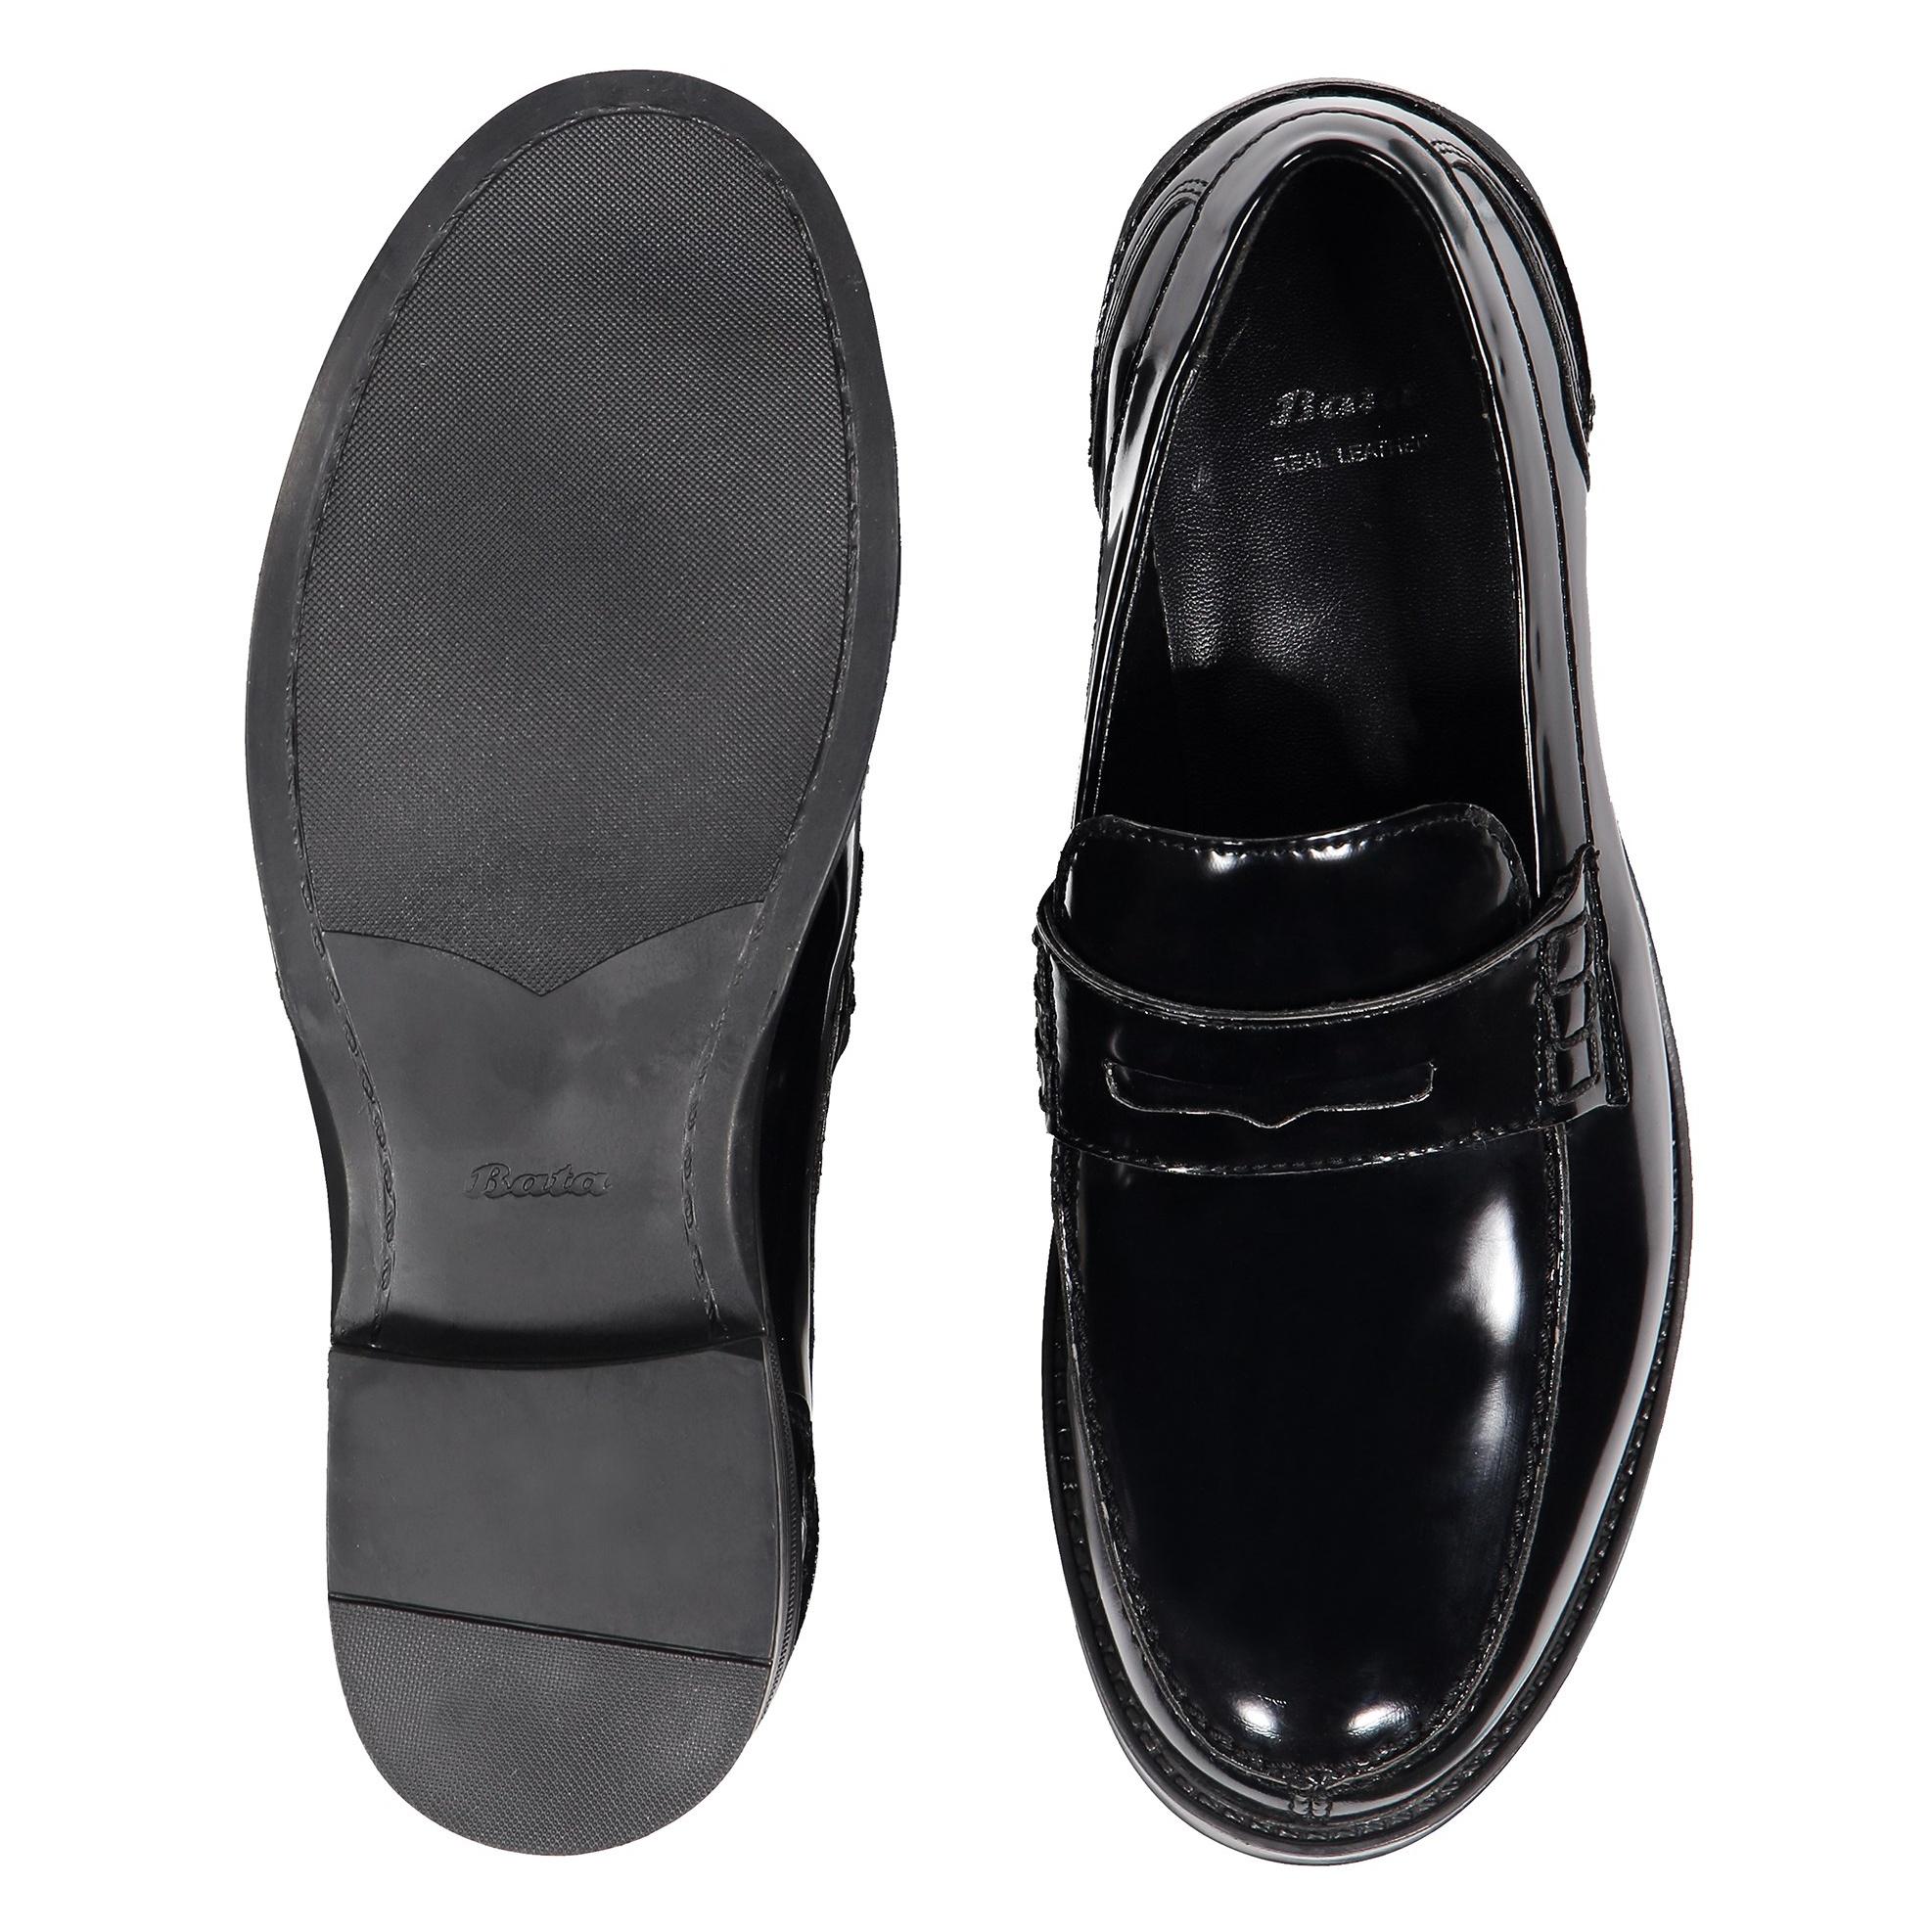 کفش اداری مردانه - باتا - مشکي - 2